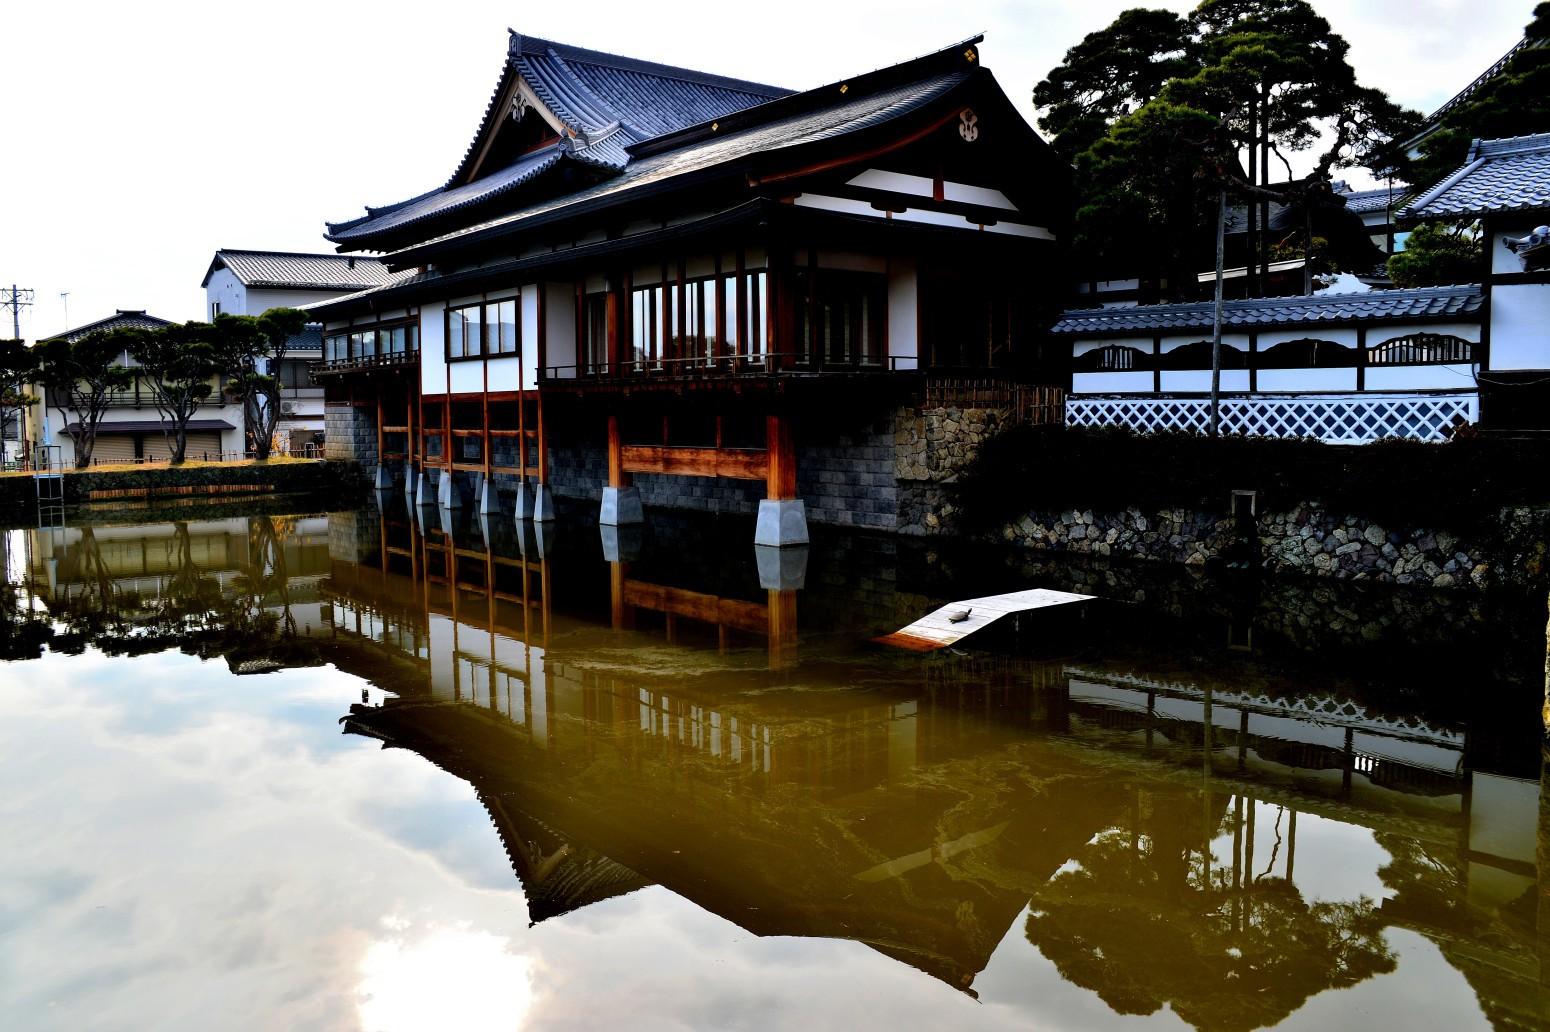 善光寺. Foto de akihito.ikegaya